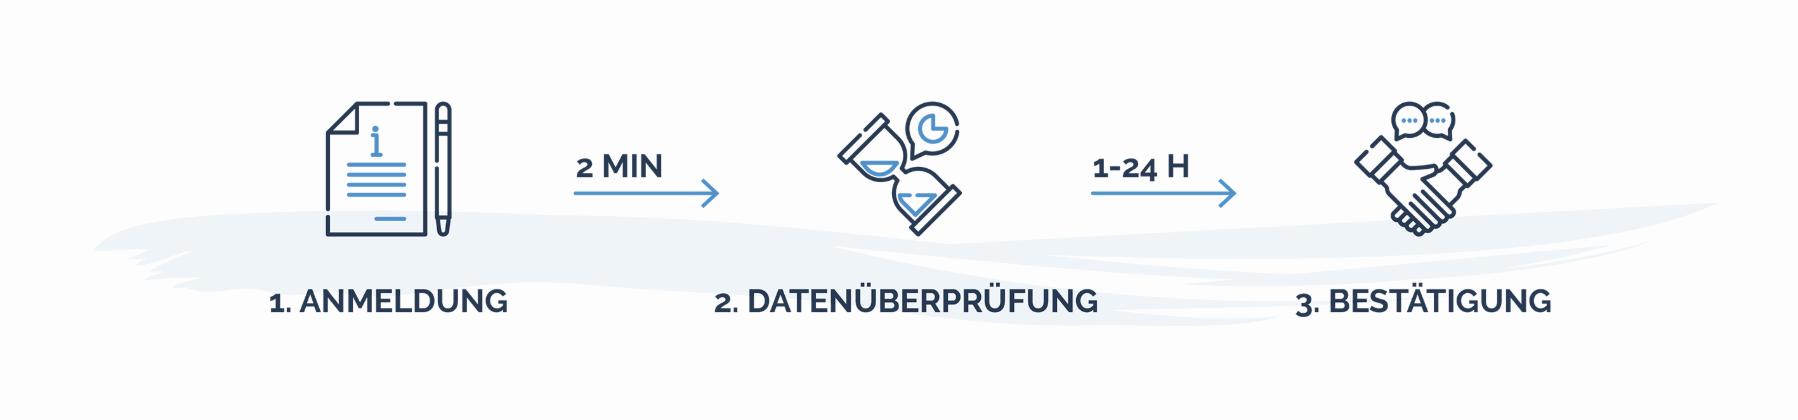 Der schnellste und günstigste Weg zur Beantragung der LEI-Nummer in Deutschland.